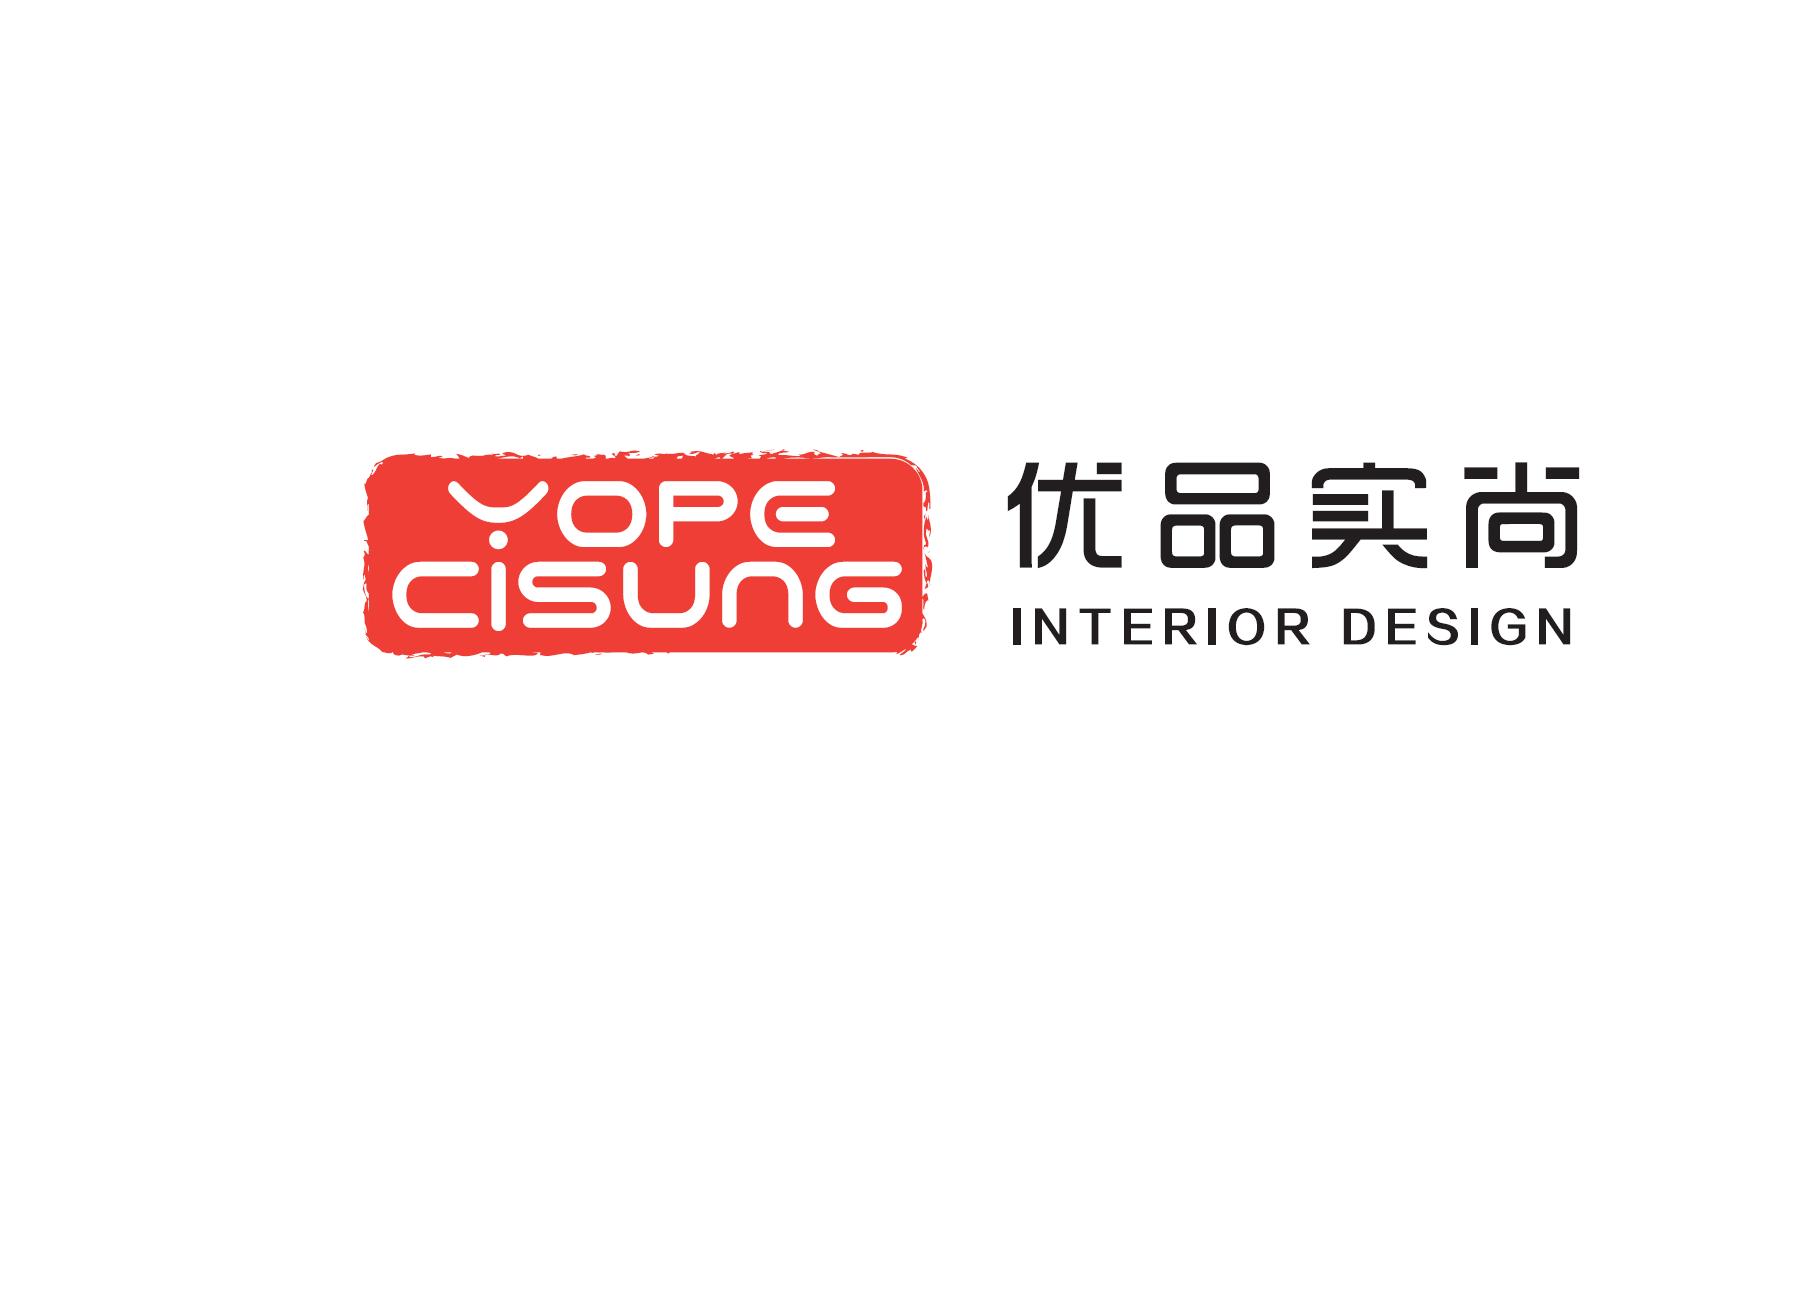 北京优品实尚建筑装饰工程有限责任公司